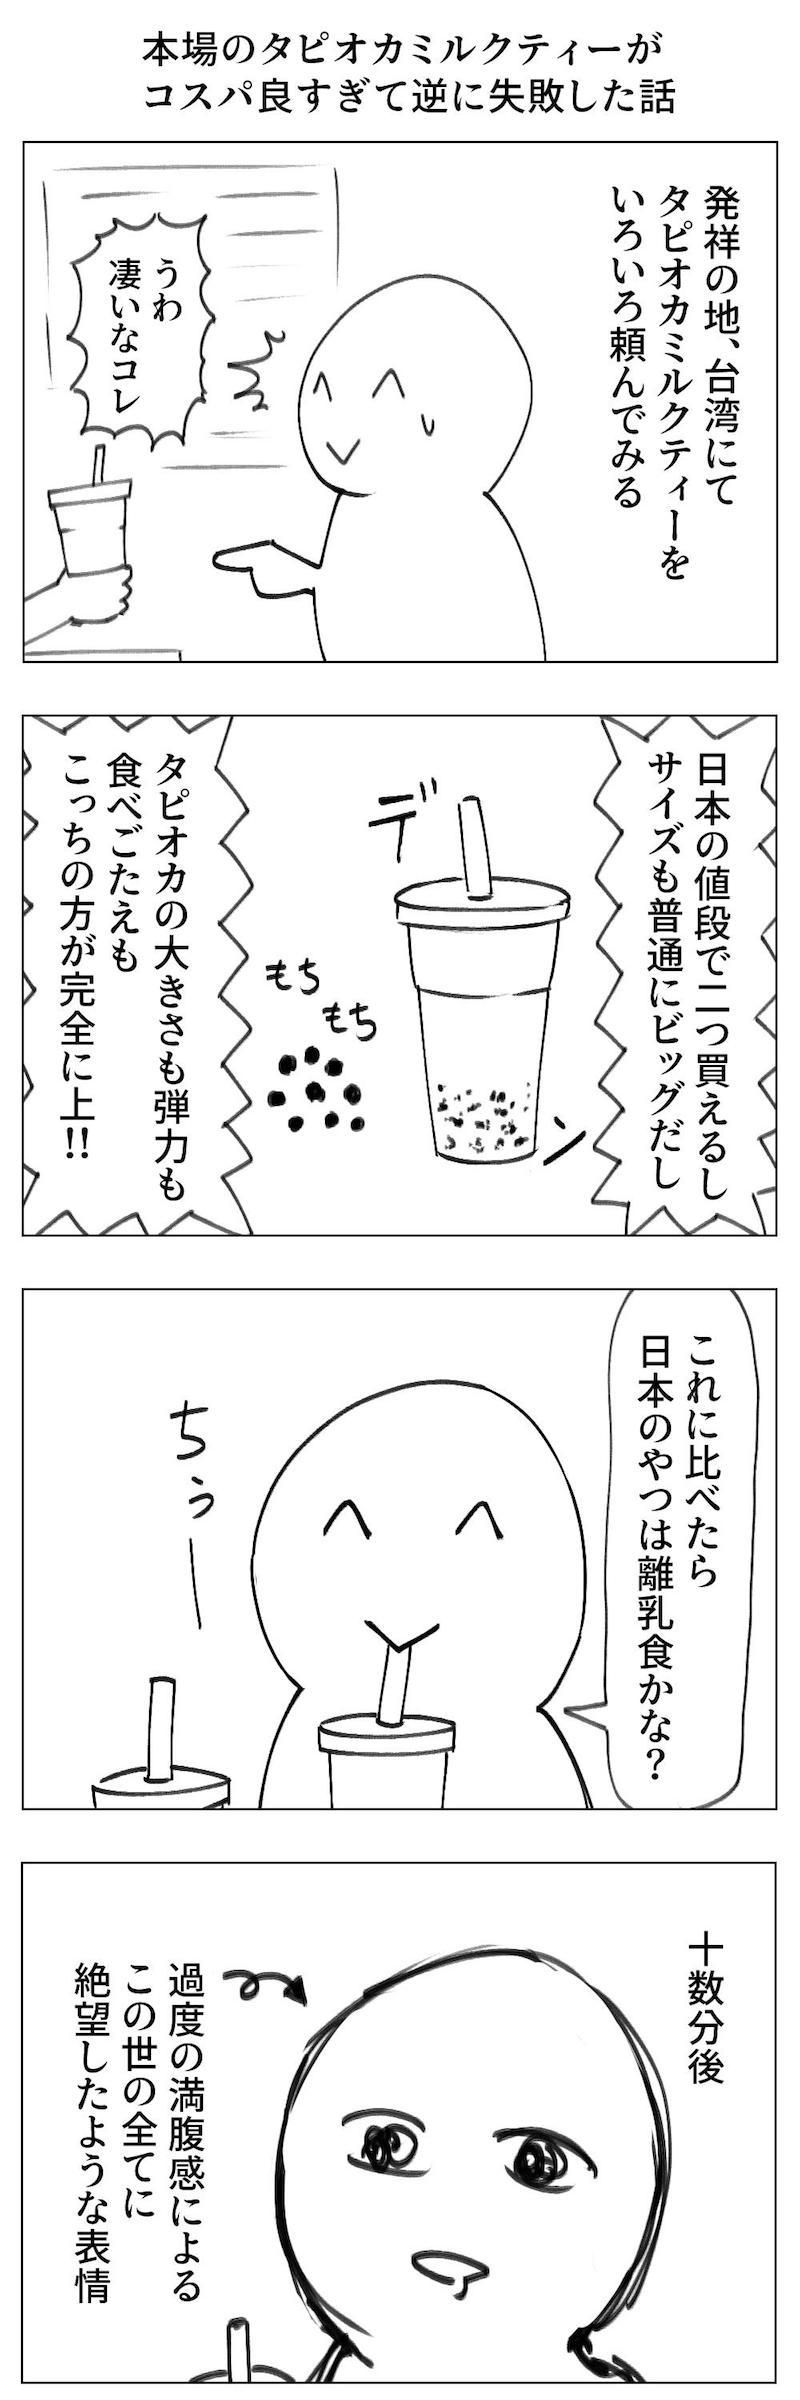 4コマ 漫画 タピオカ